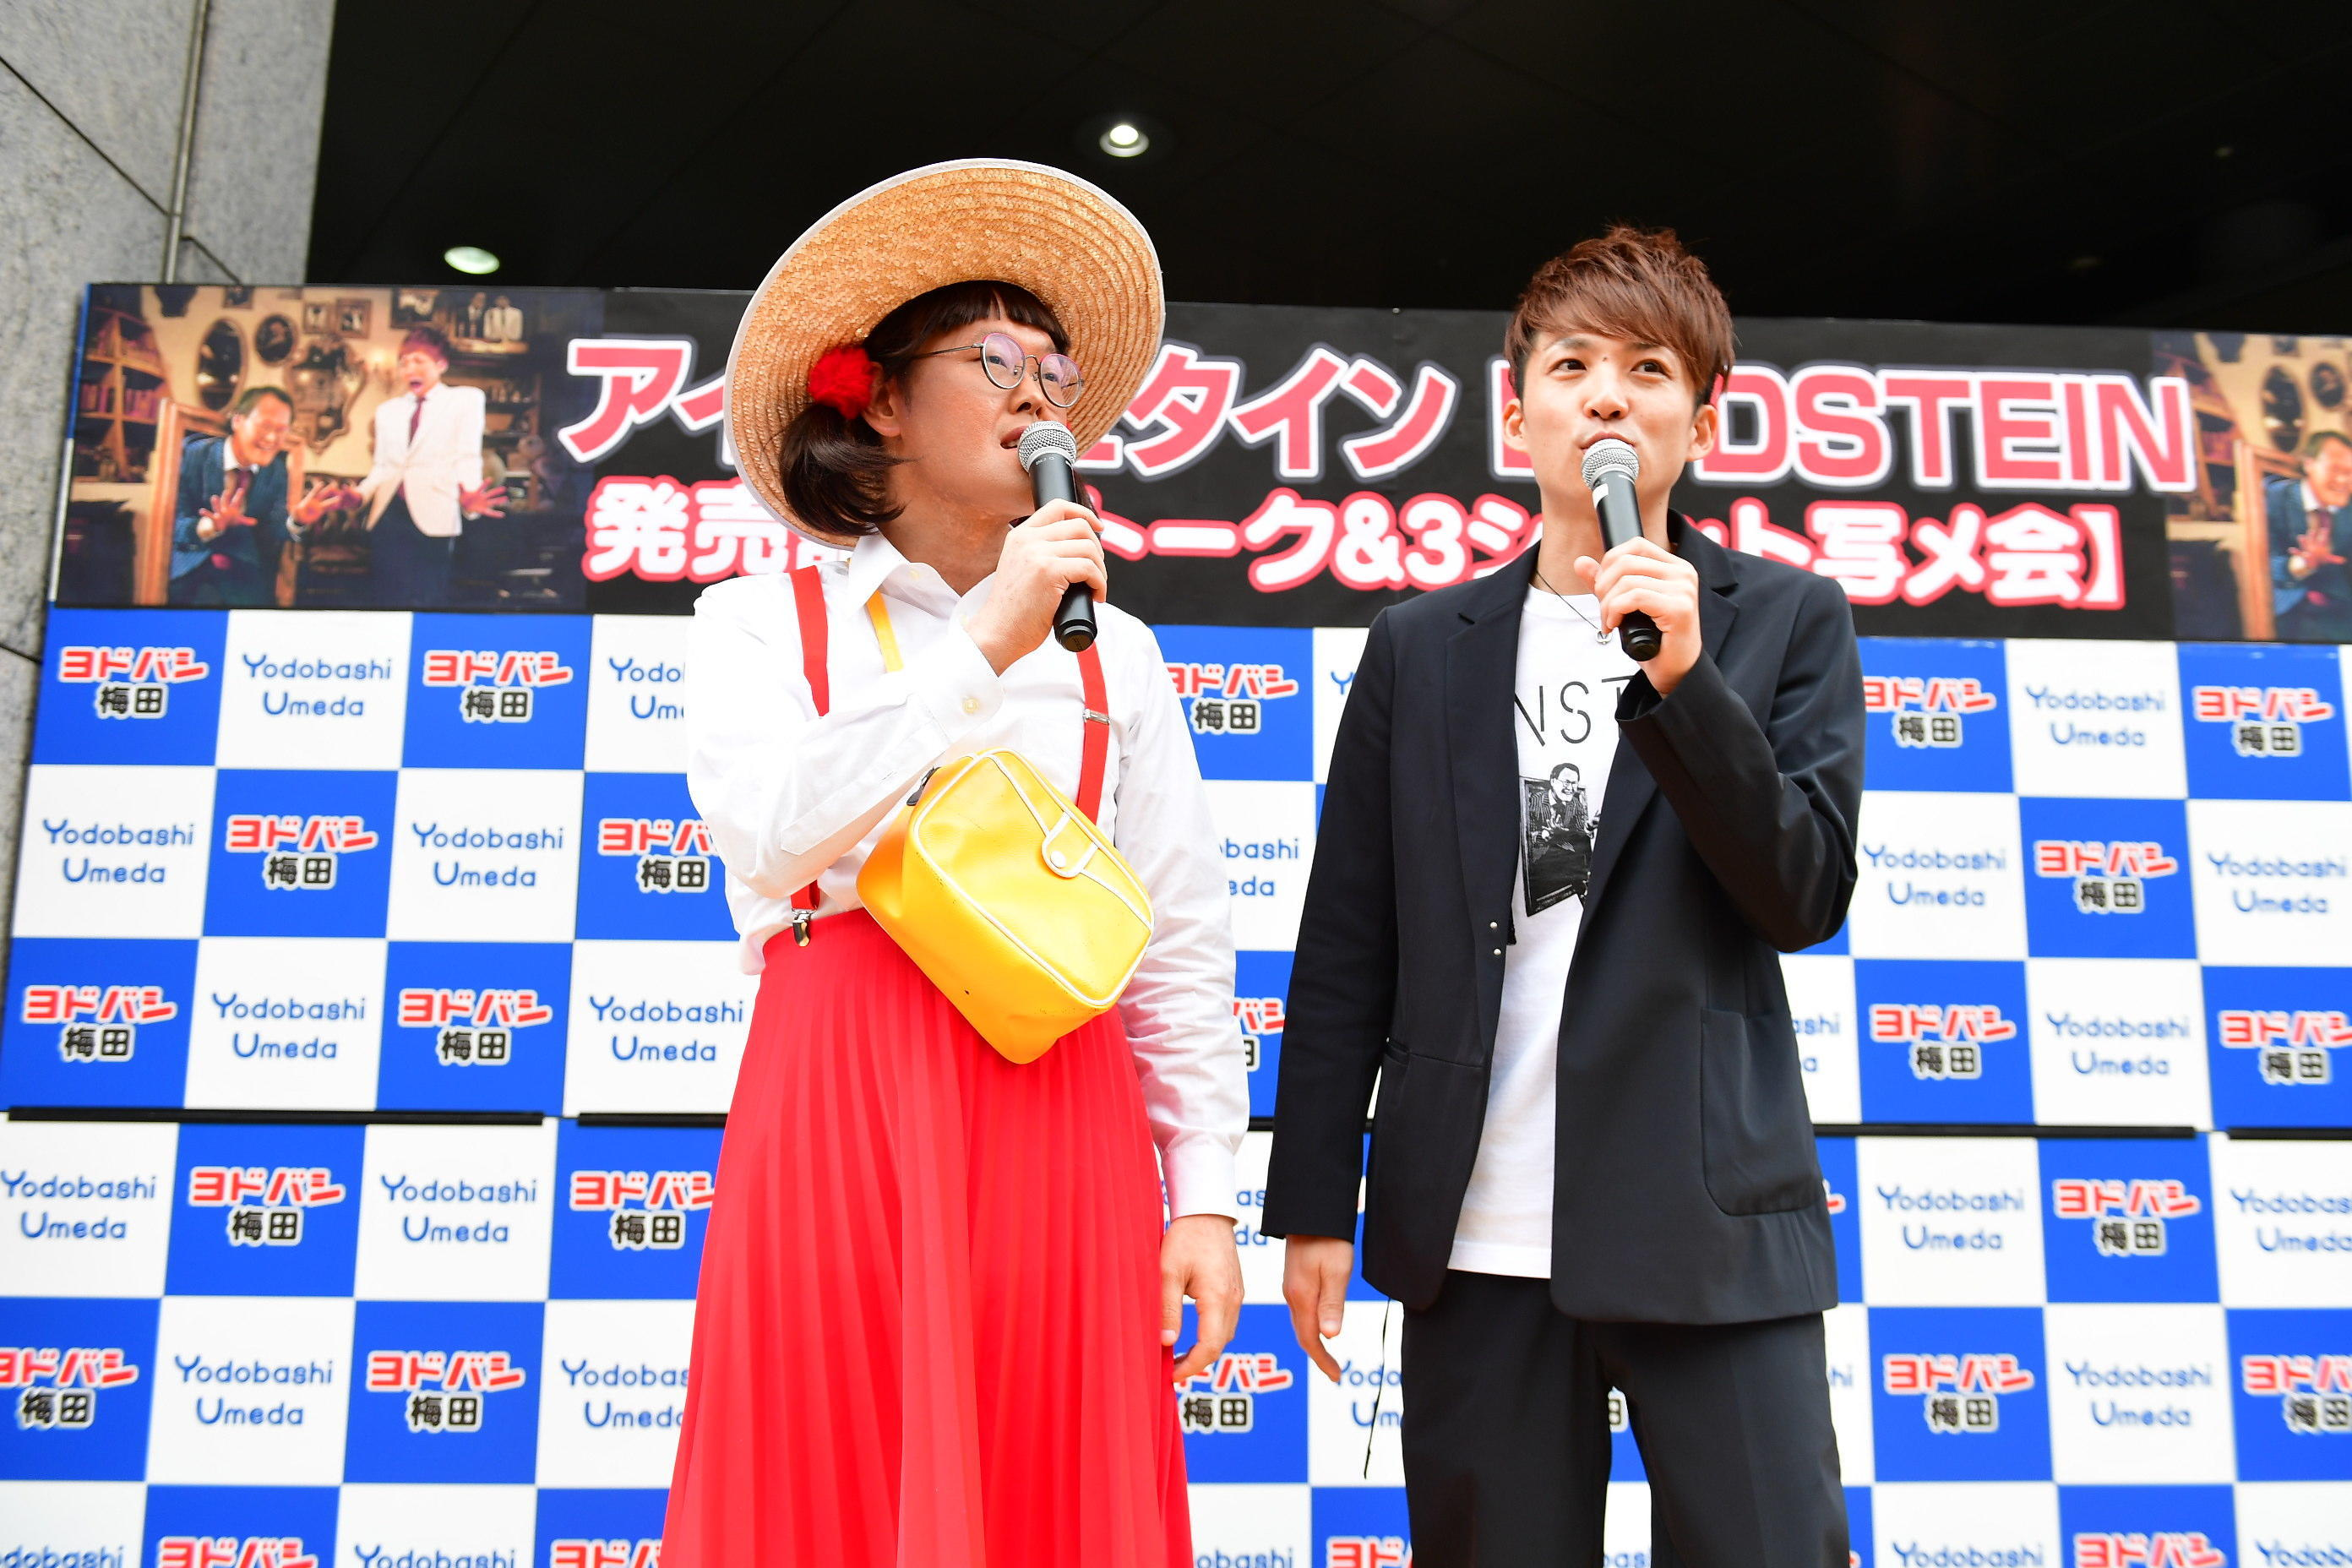 http://news.yoshimoto.co.jp/20181031212451-78b9e58eda239ef4b6b0bc78171971cc802093c9.jpg